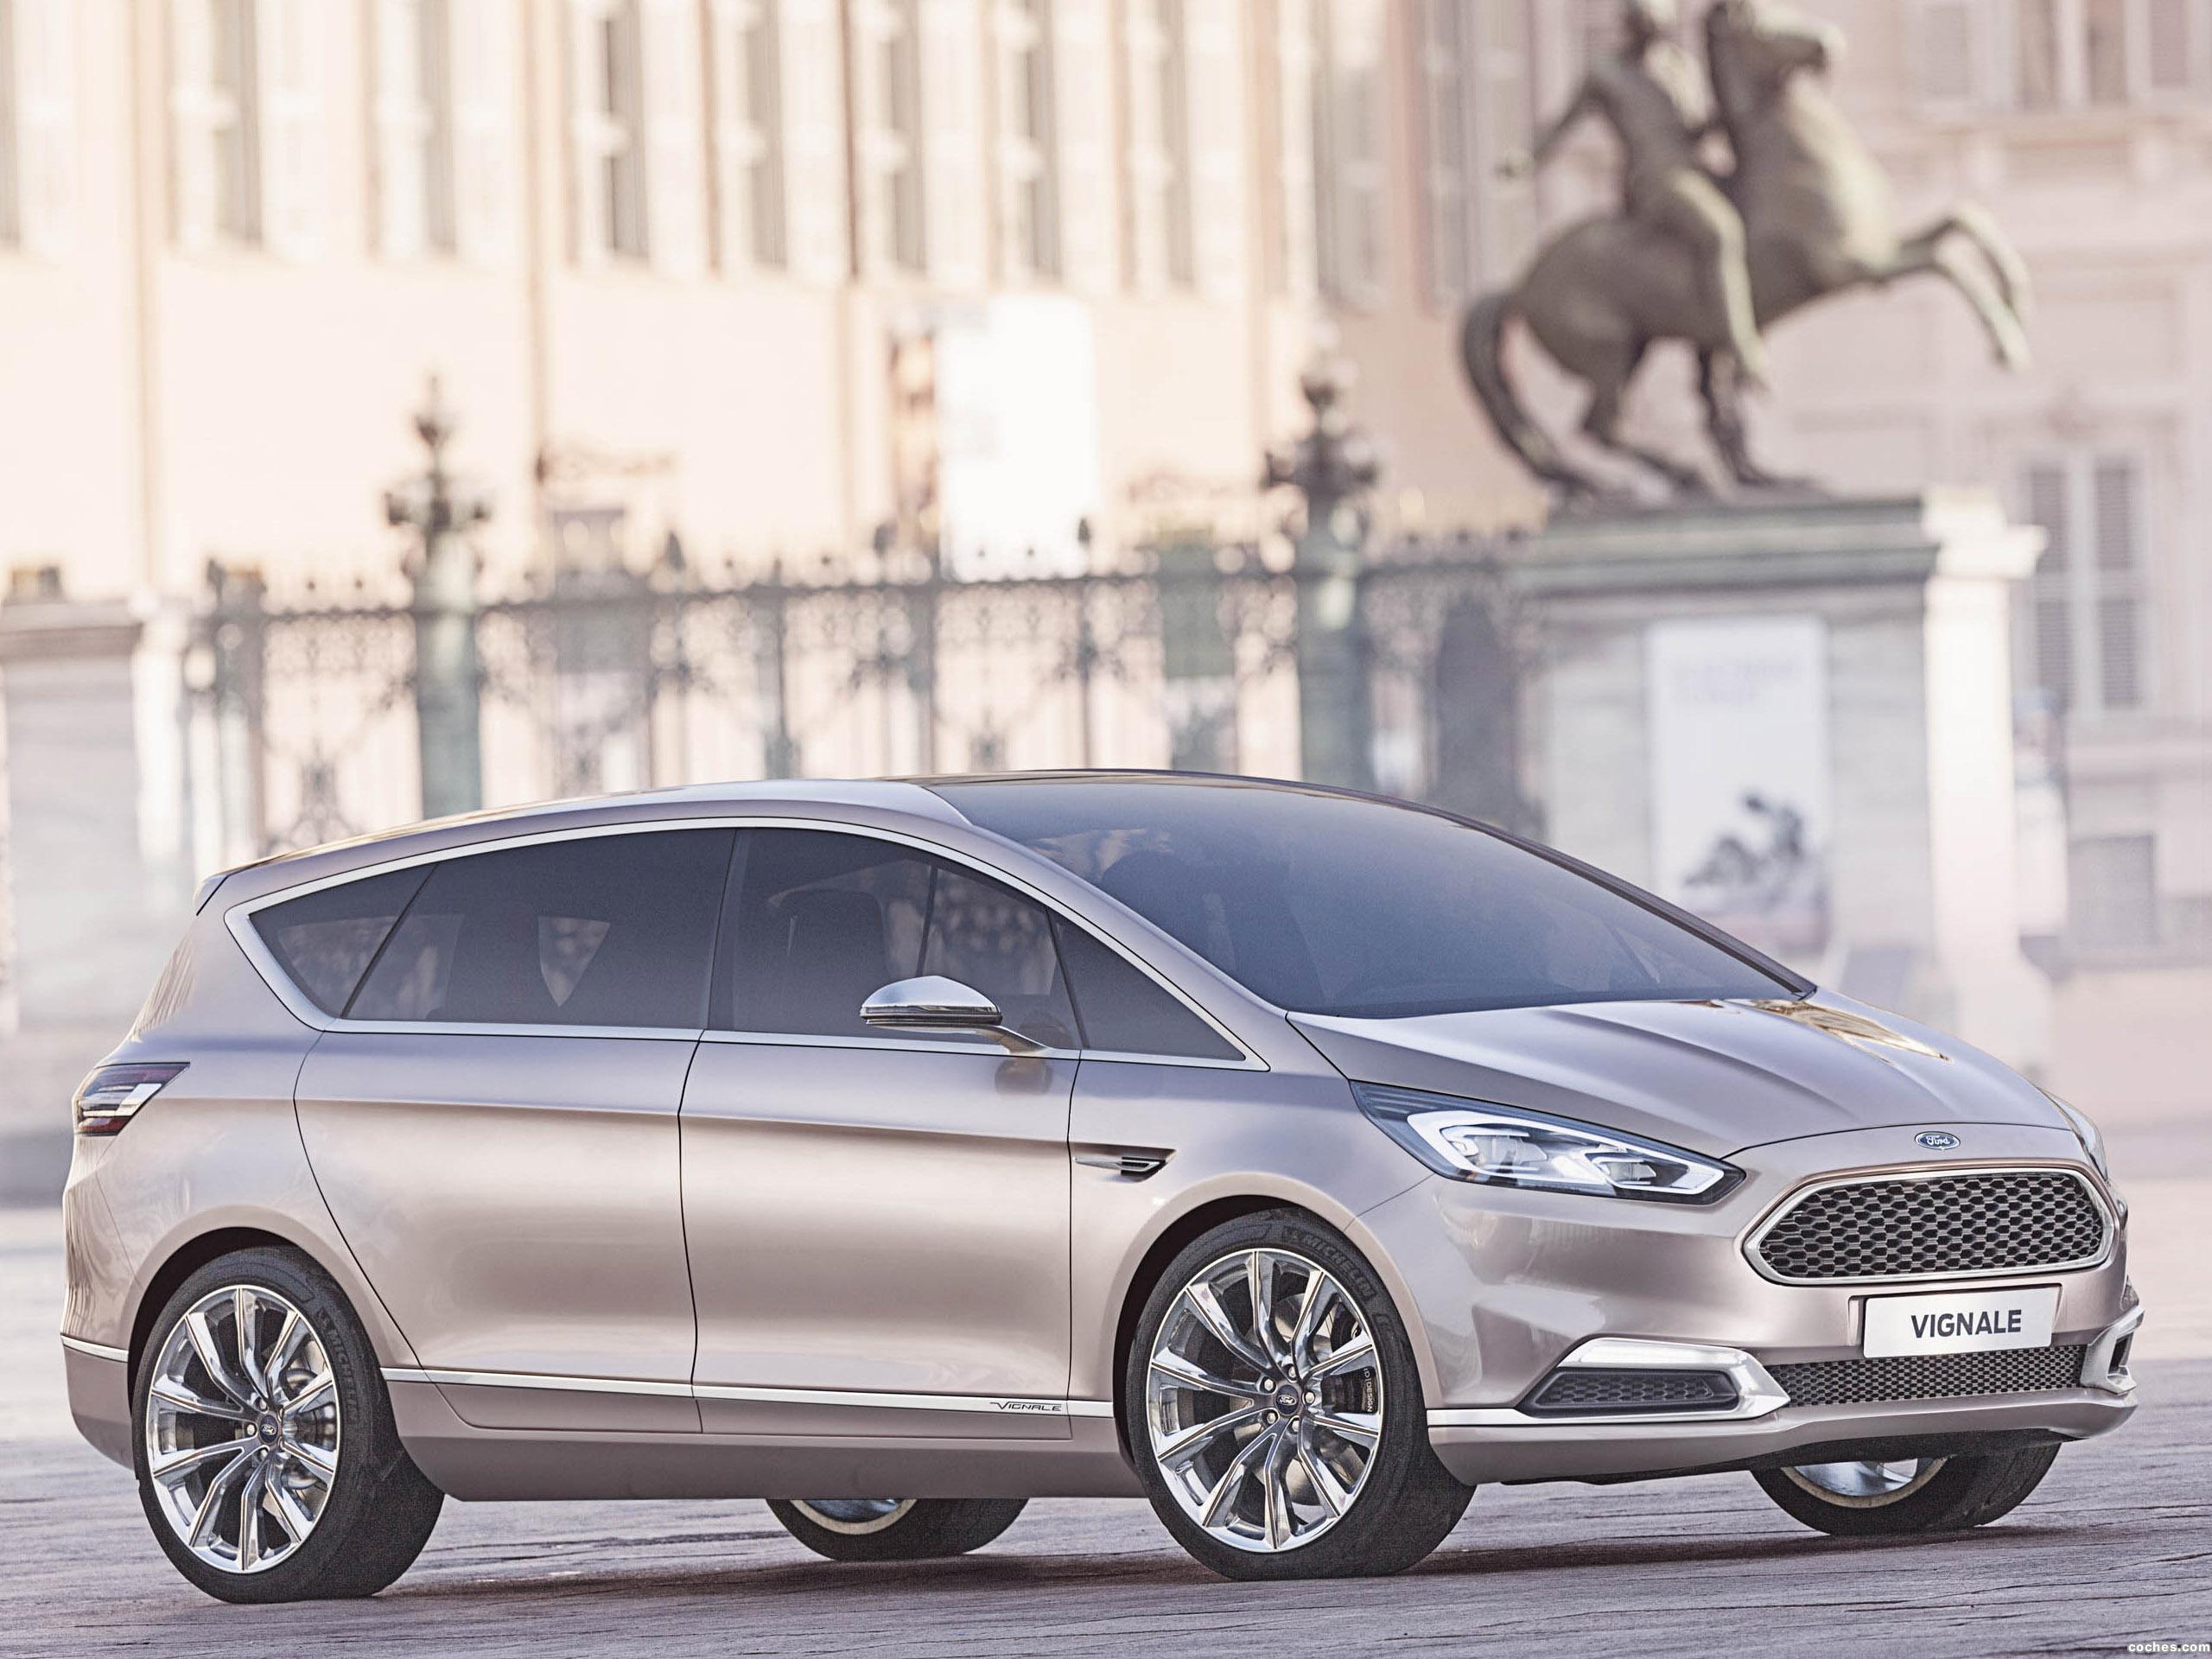 Foto 0 de Ford S-MAX Vignale Concept 2014